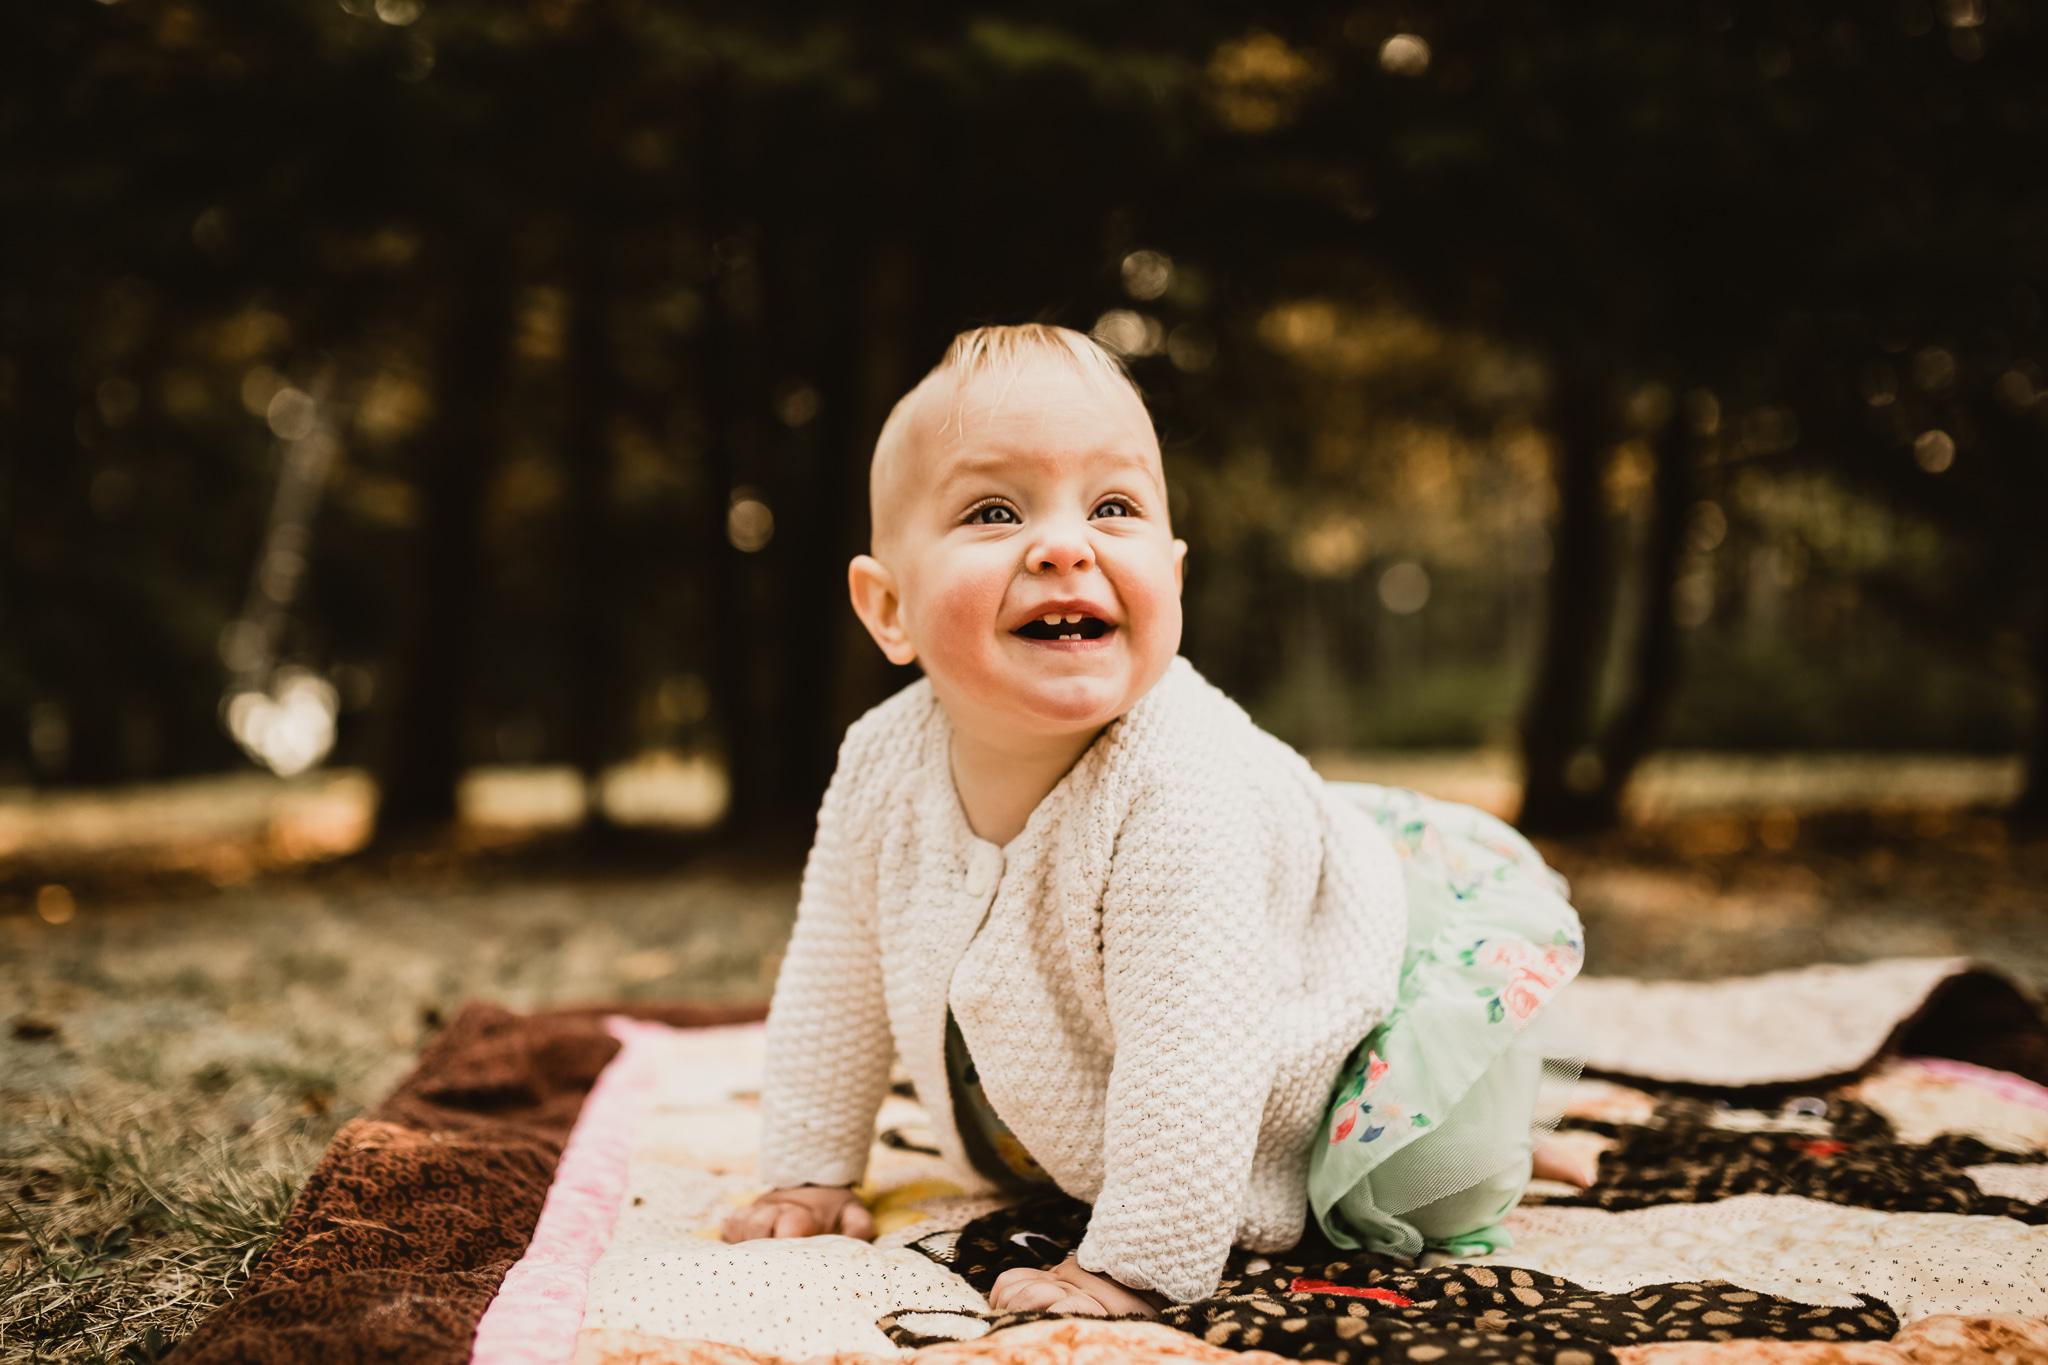 Alina-Joy-Photography-Cold-Lake-Lifestyle-Photographer-28.jpg